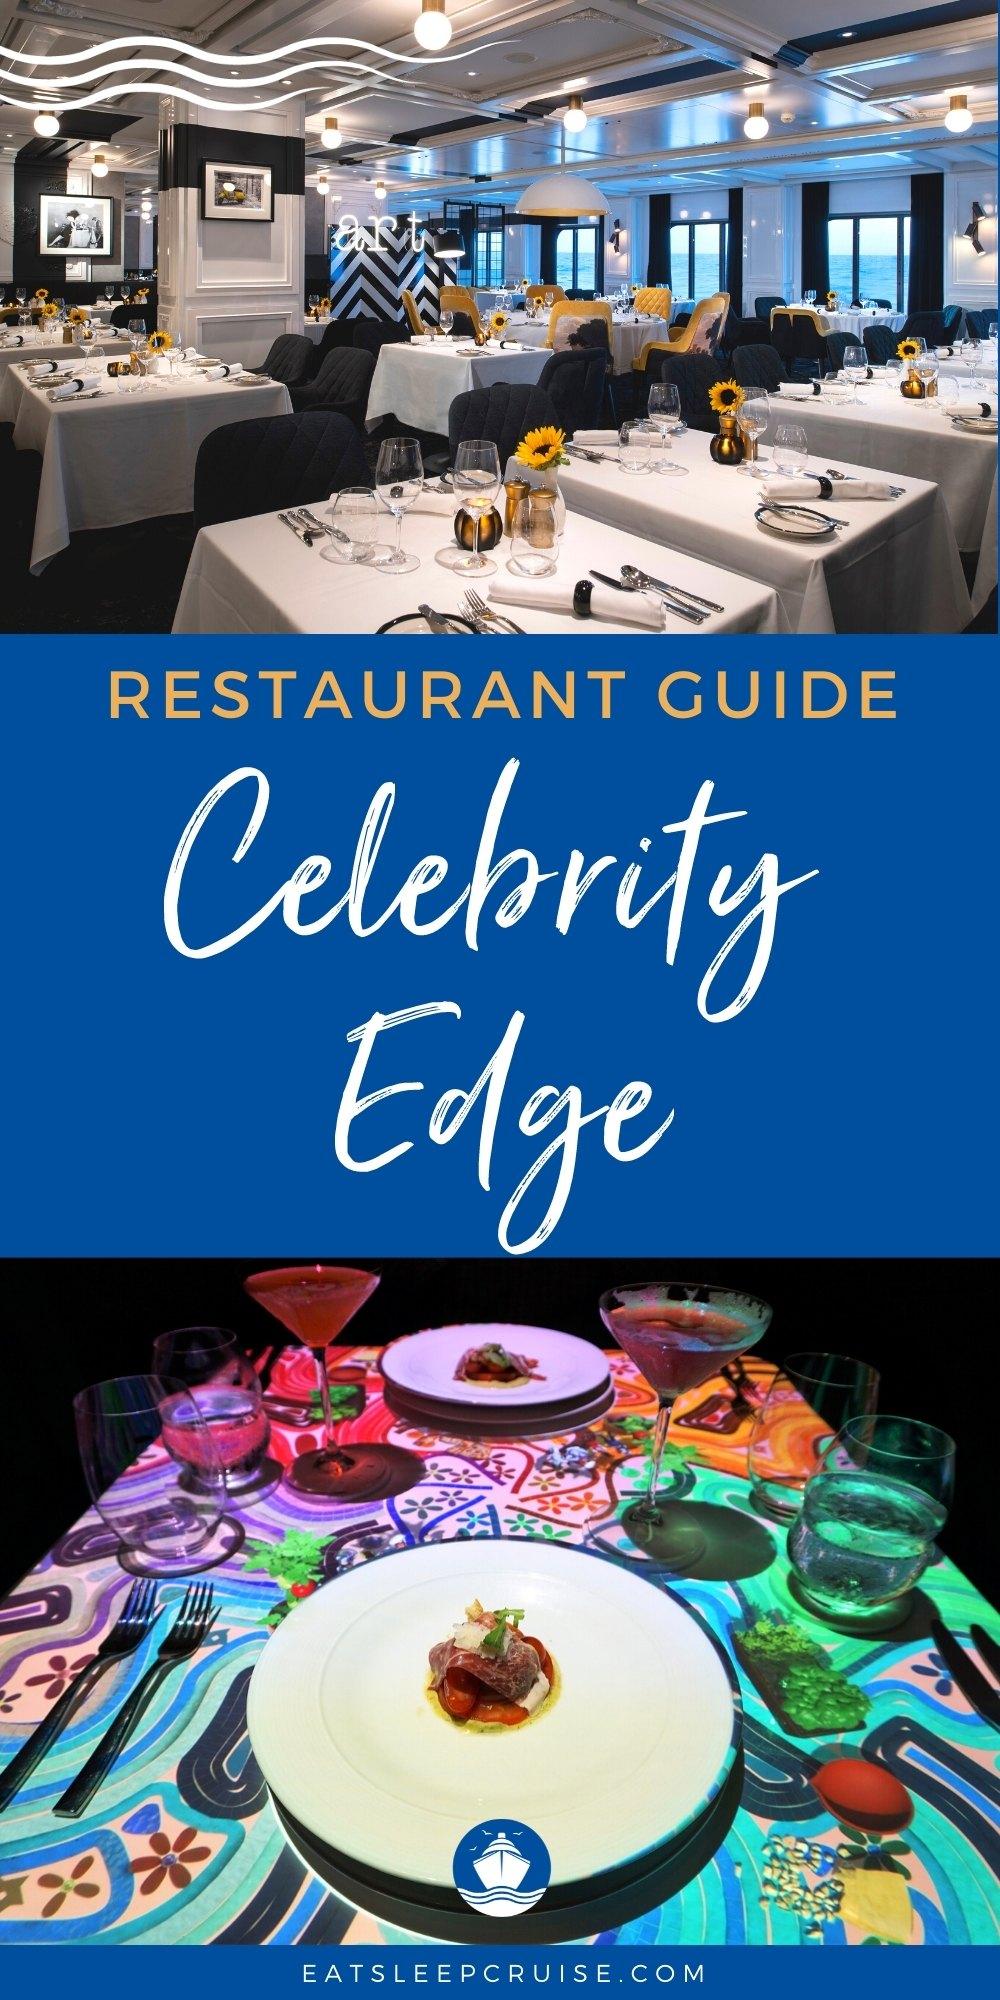 Celebrity Edge Restaurant Guide